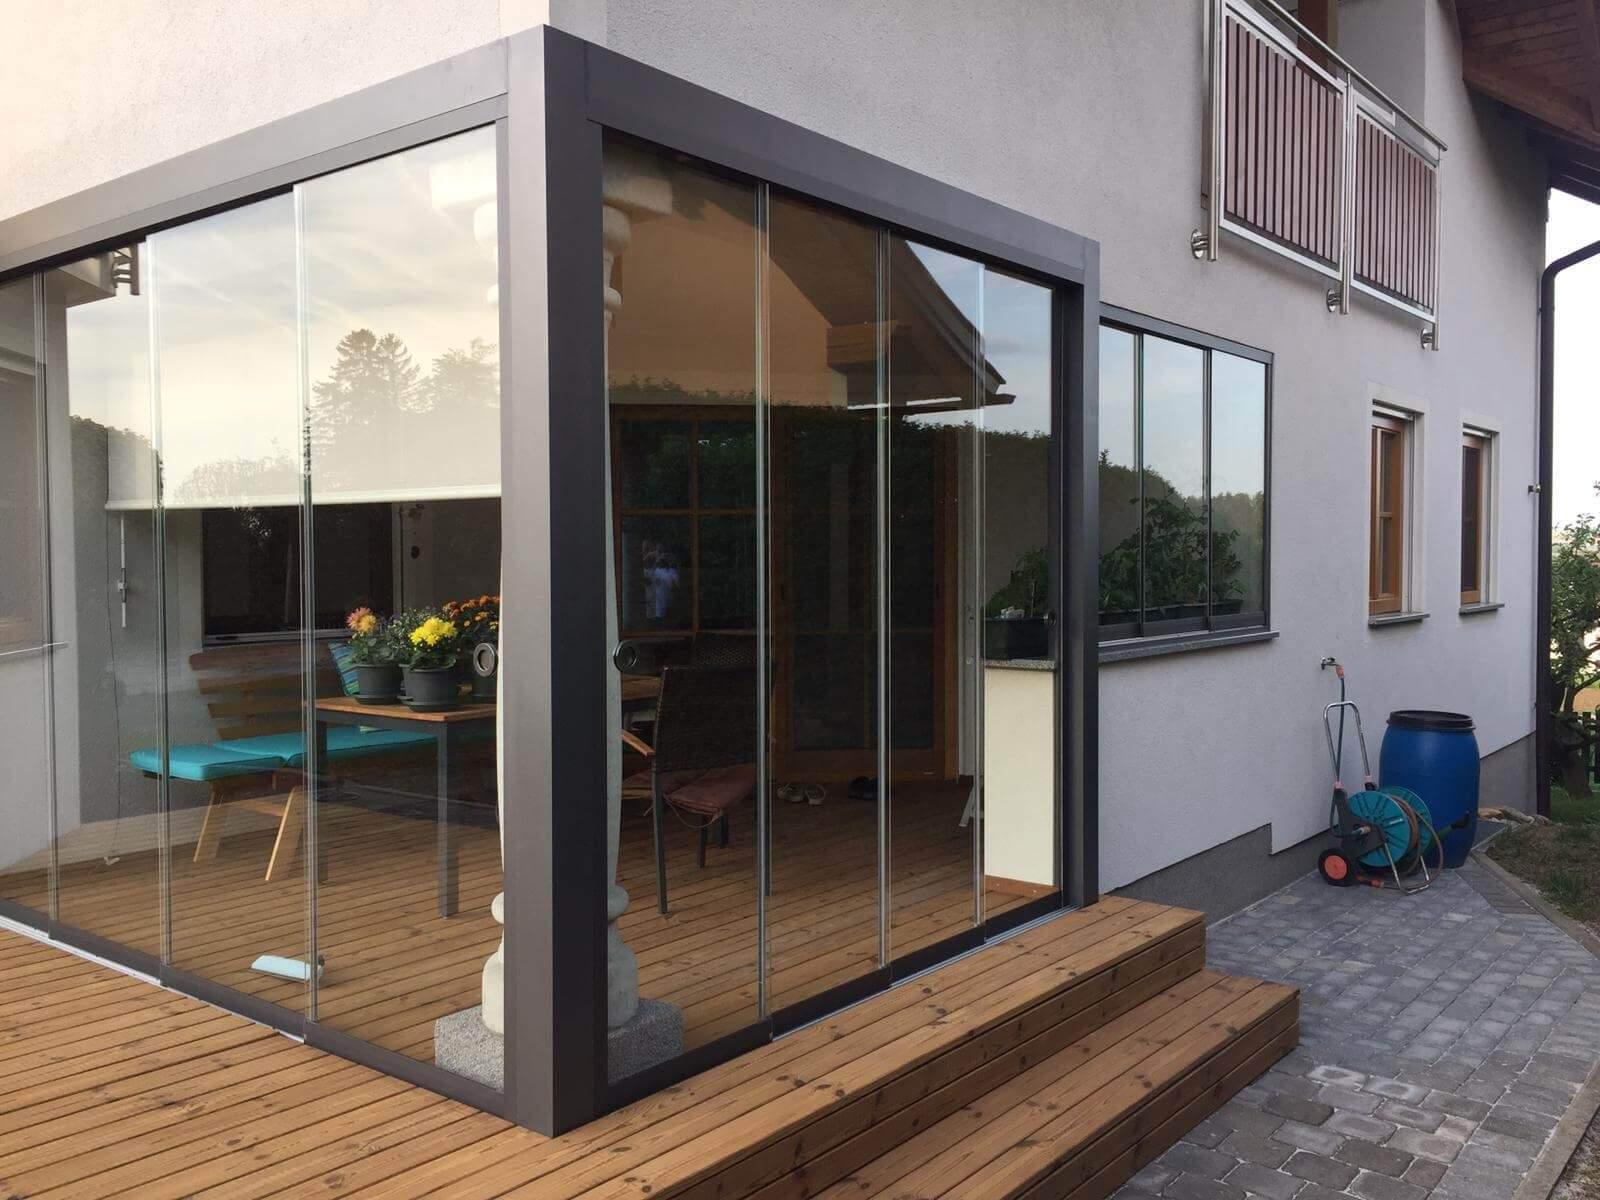 Winter Garten Elegant Glas Schiebetüren Systeme Wintergarten In 2020